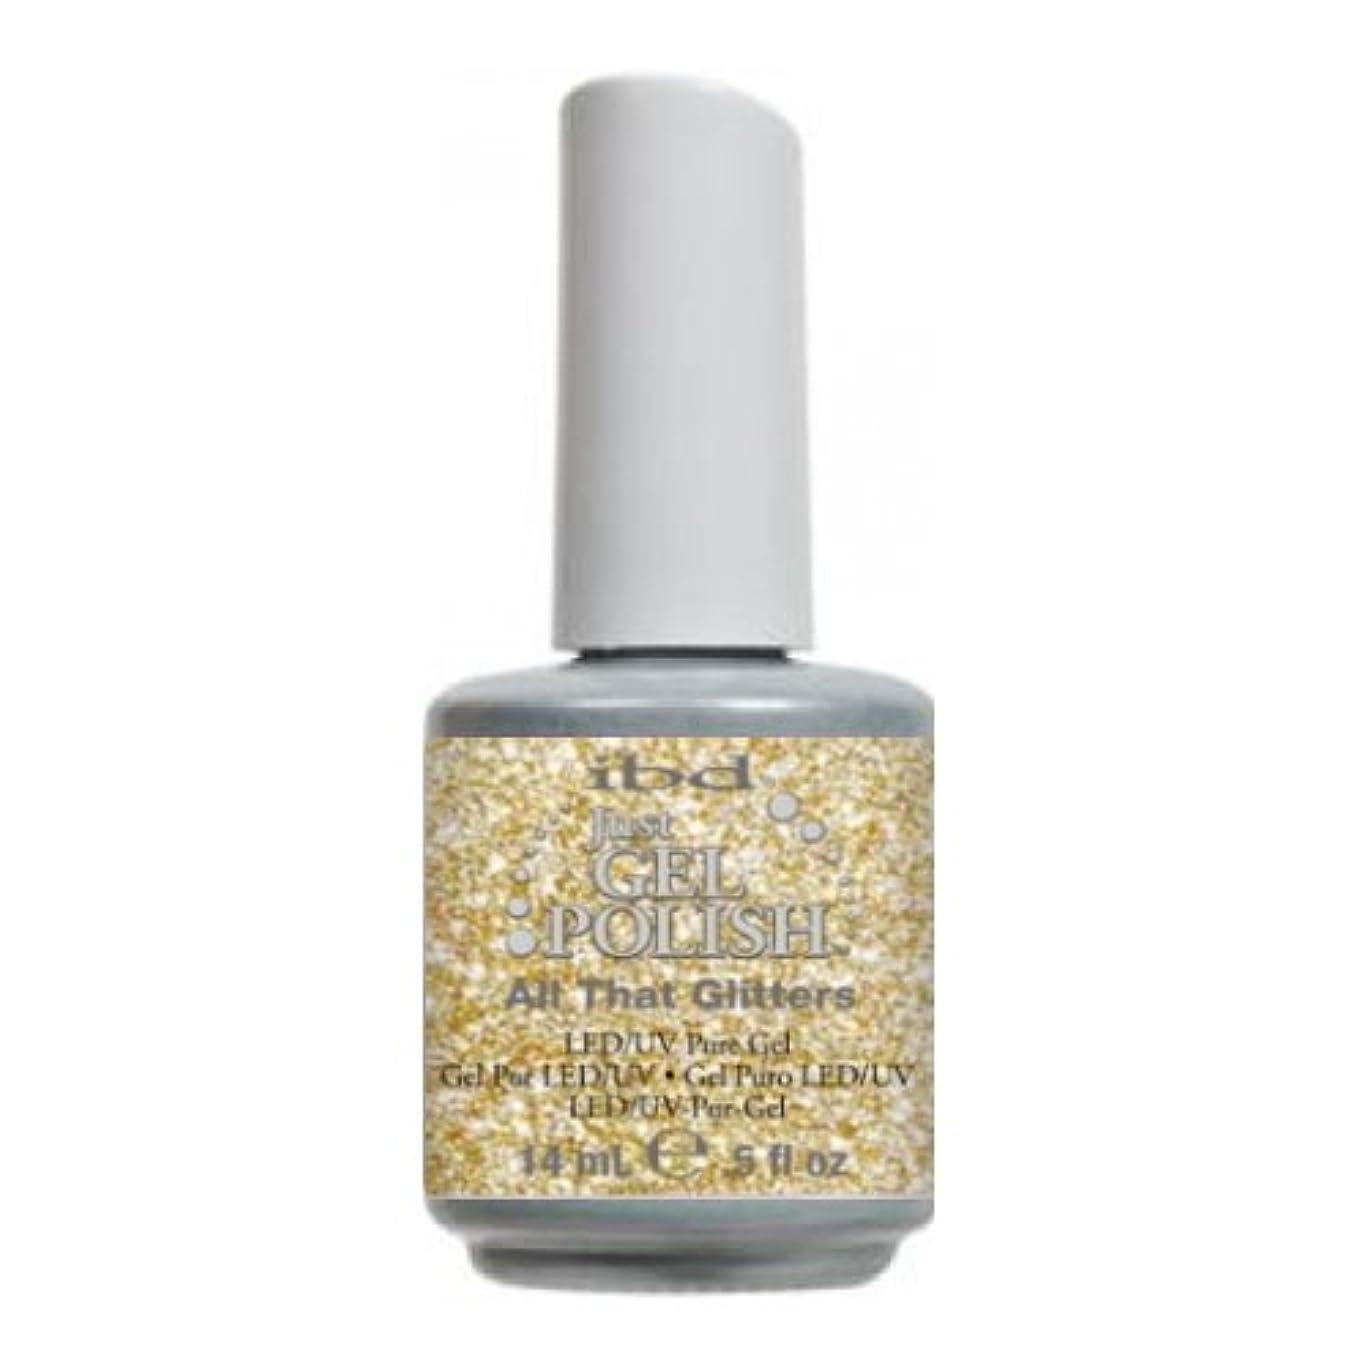 プロフィール不公平誤解させる(3 Pack) ibd Just Gel Polish - All That Glitters (並行輸入品)